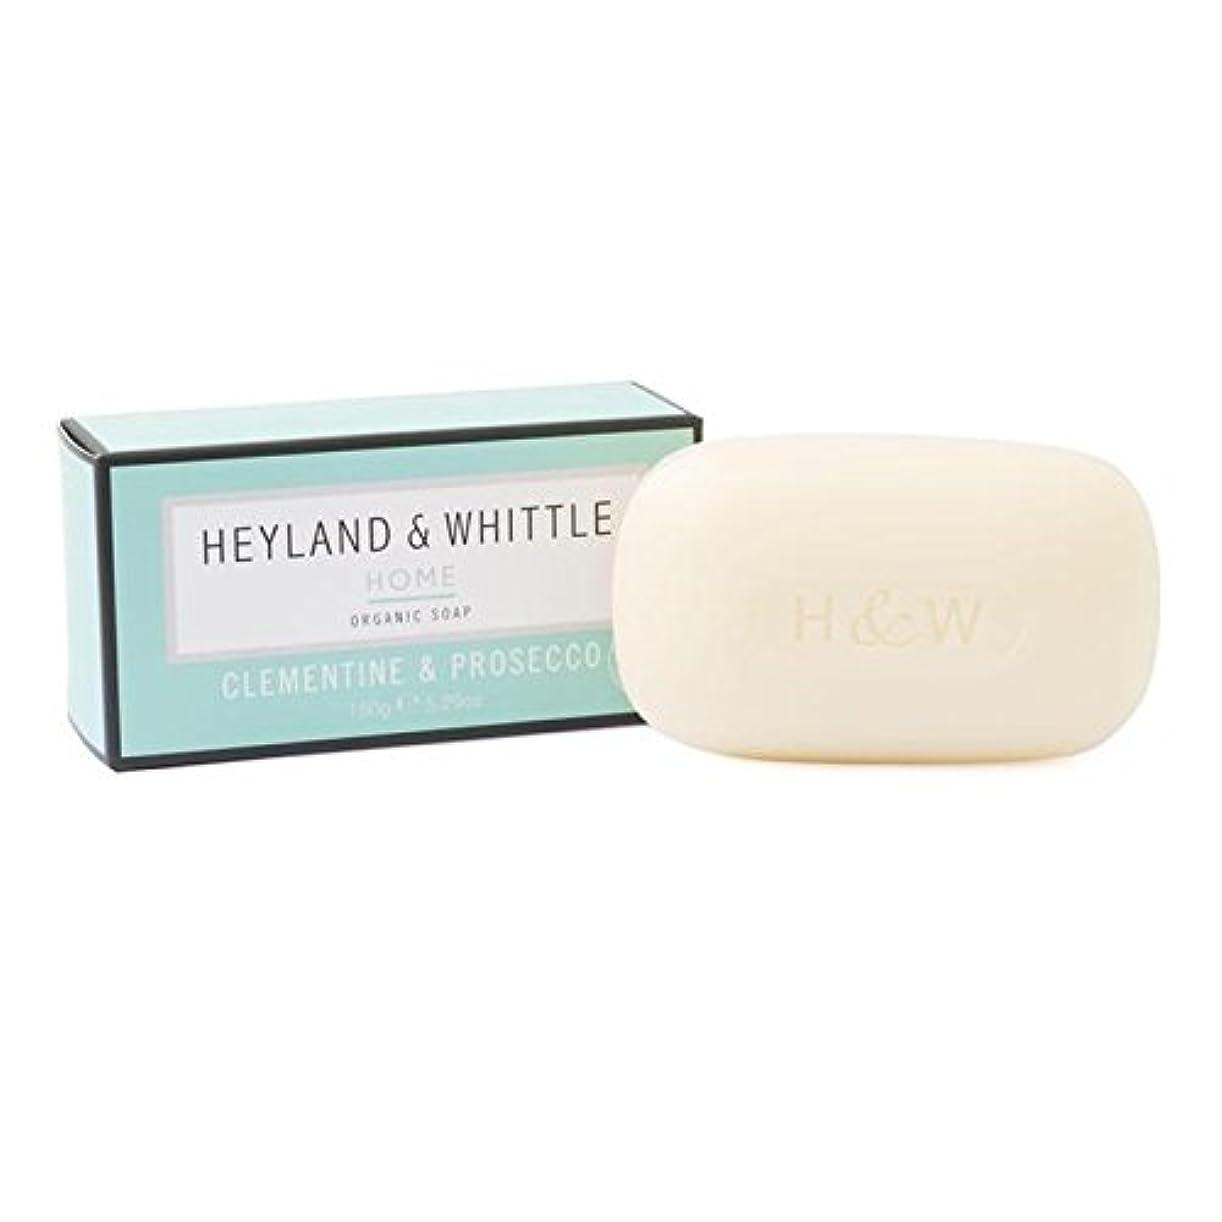 受ける講義アンティークHeyland & Whittle Home Clementine & Prosecco Organic Soap 150g (Pack of 6) - &削るホームクレメンタイン&プロセッコ有機石鹸150グラム x6...